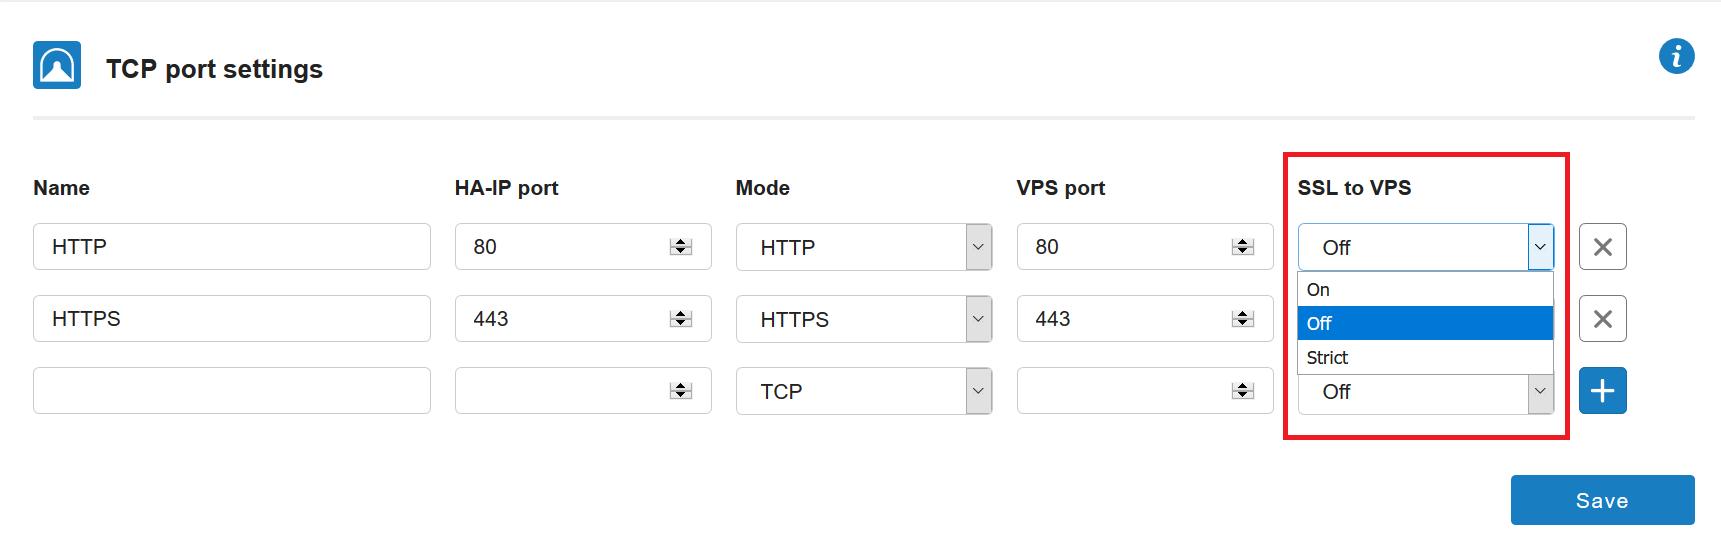 ha-ip tcp port settings ssl options